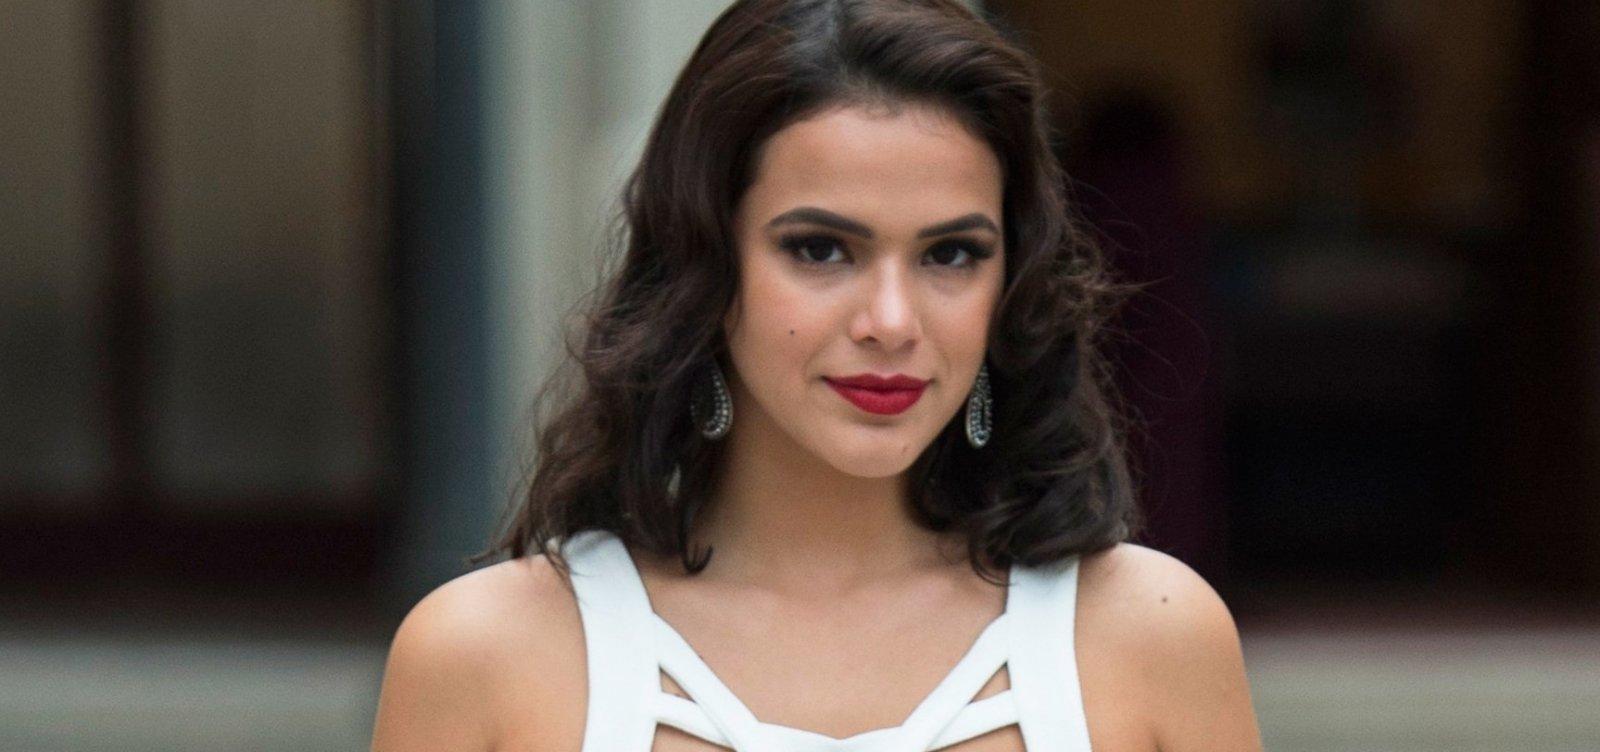 [Bruna Marquezine não é reconhecida por fotógrafos em desfile na França, diz colunista]